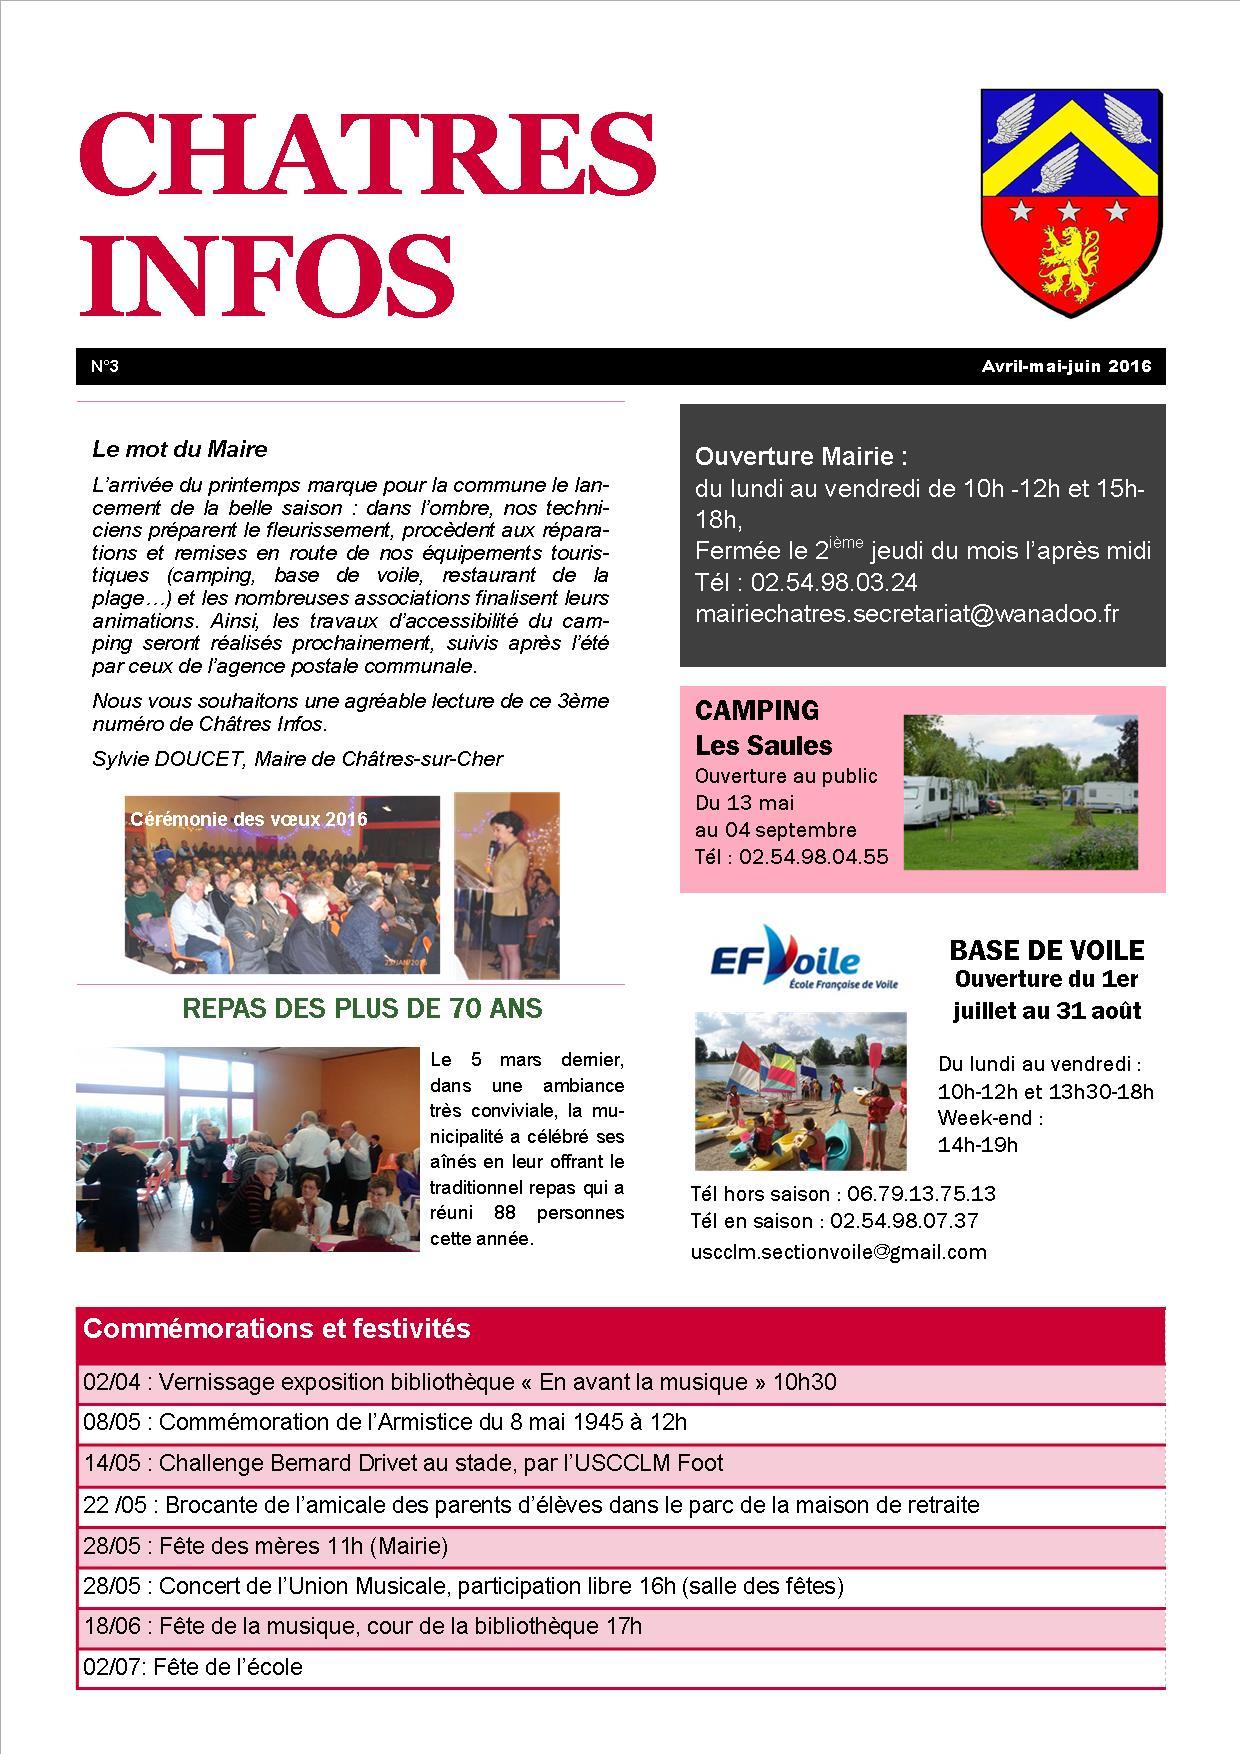 chatres-infos-3